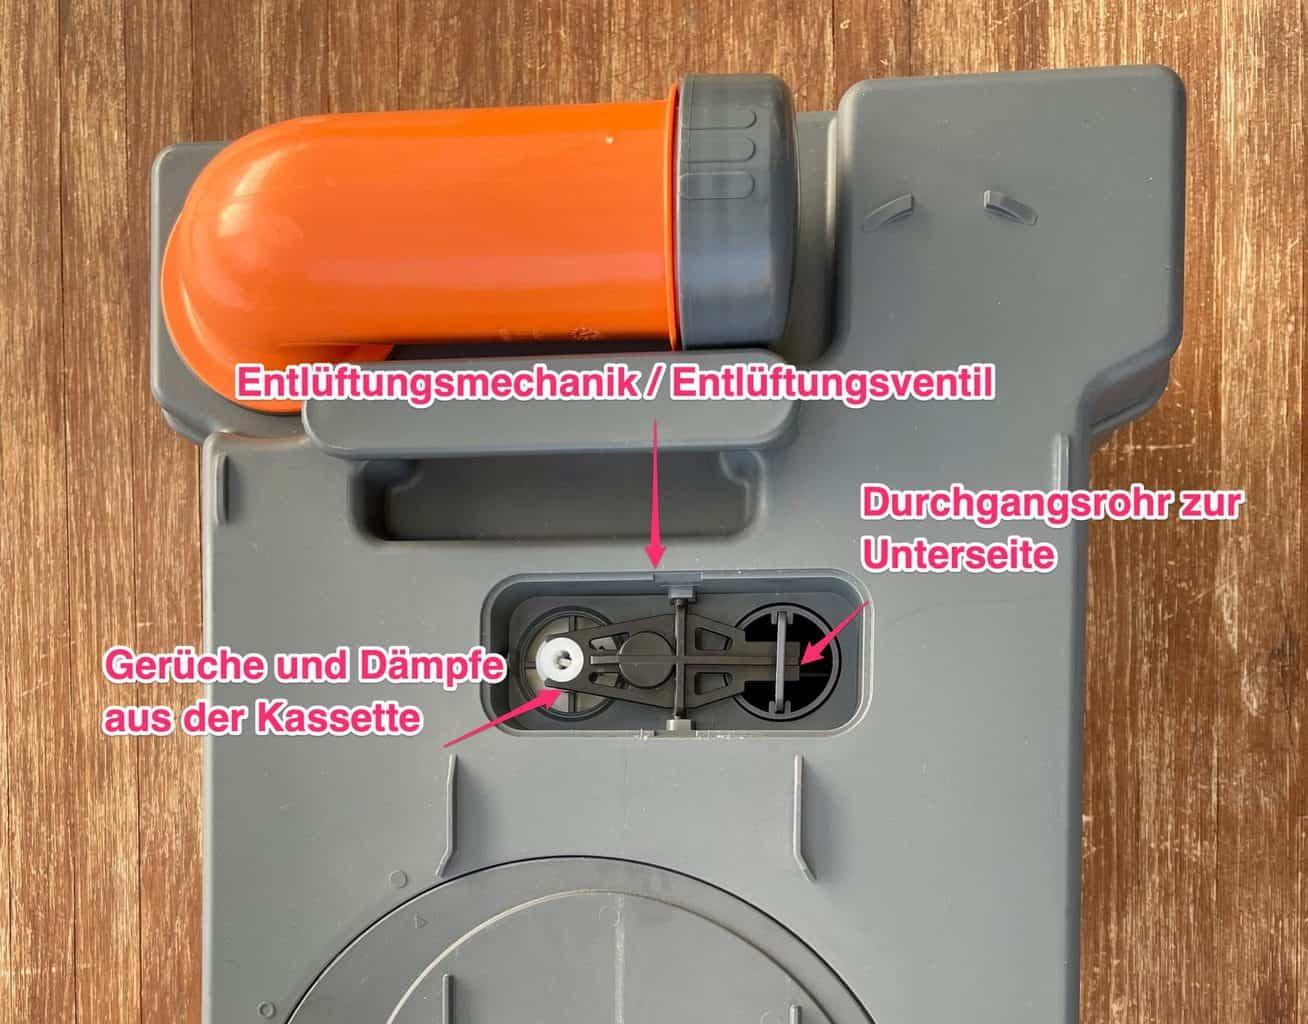 Thetford-Toilettenkassette-Unangenehme-Gerüche-durch-offene-Entlüftungsmechanik